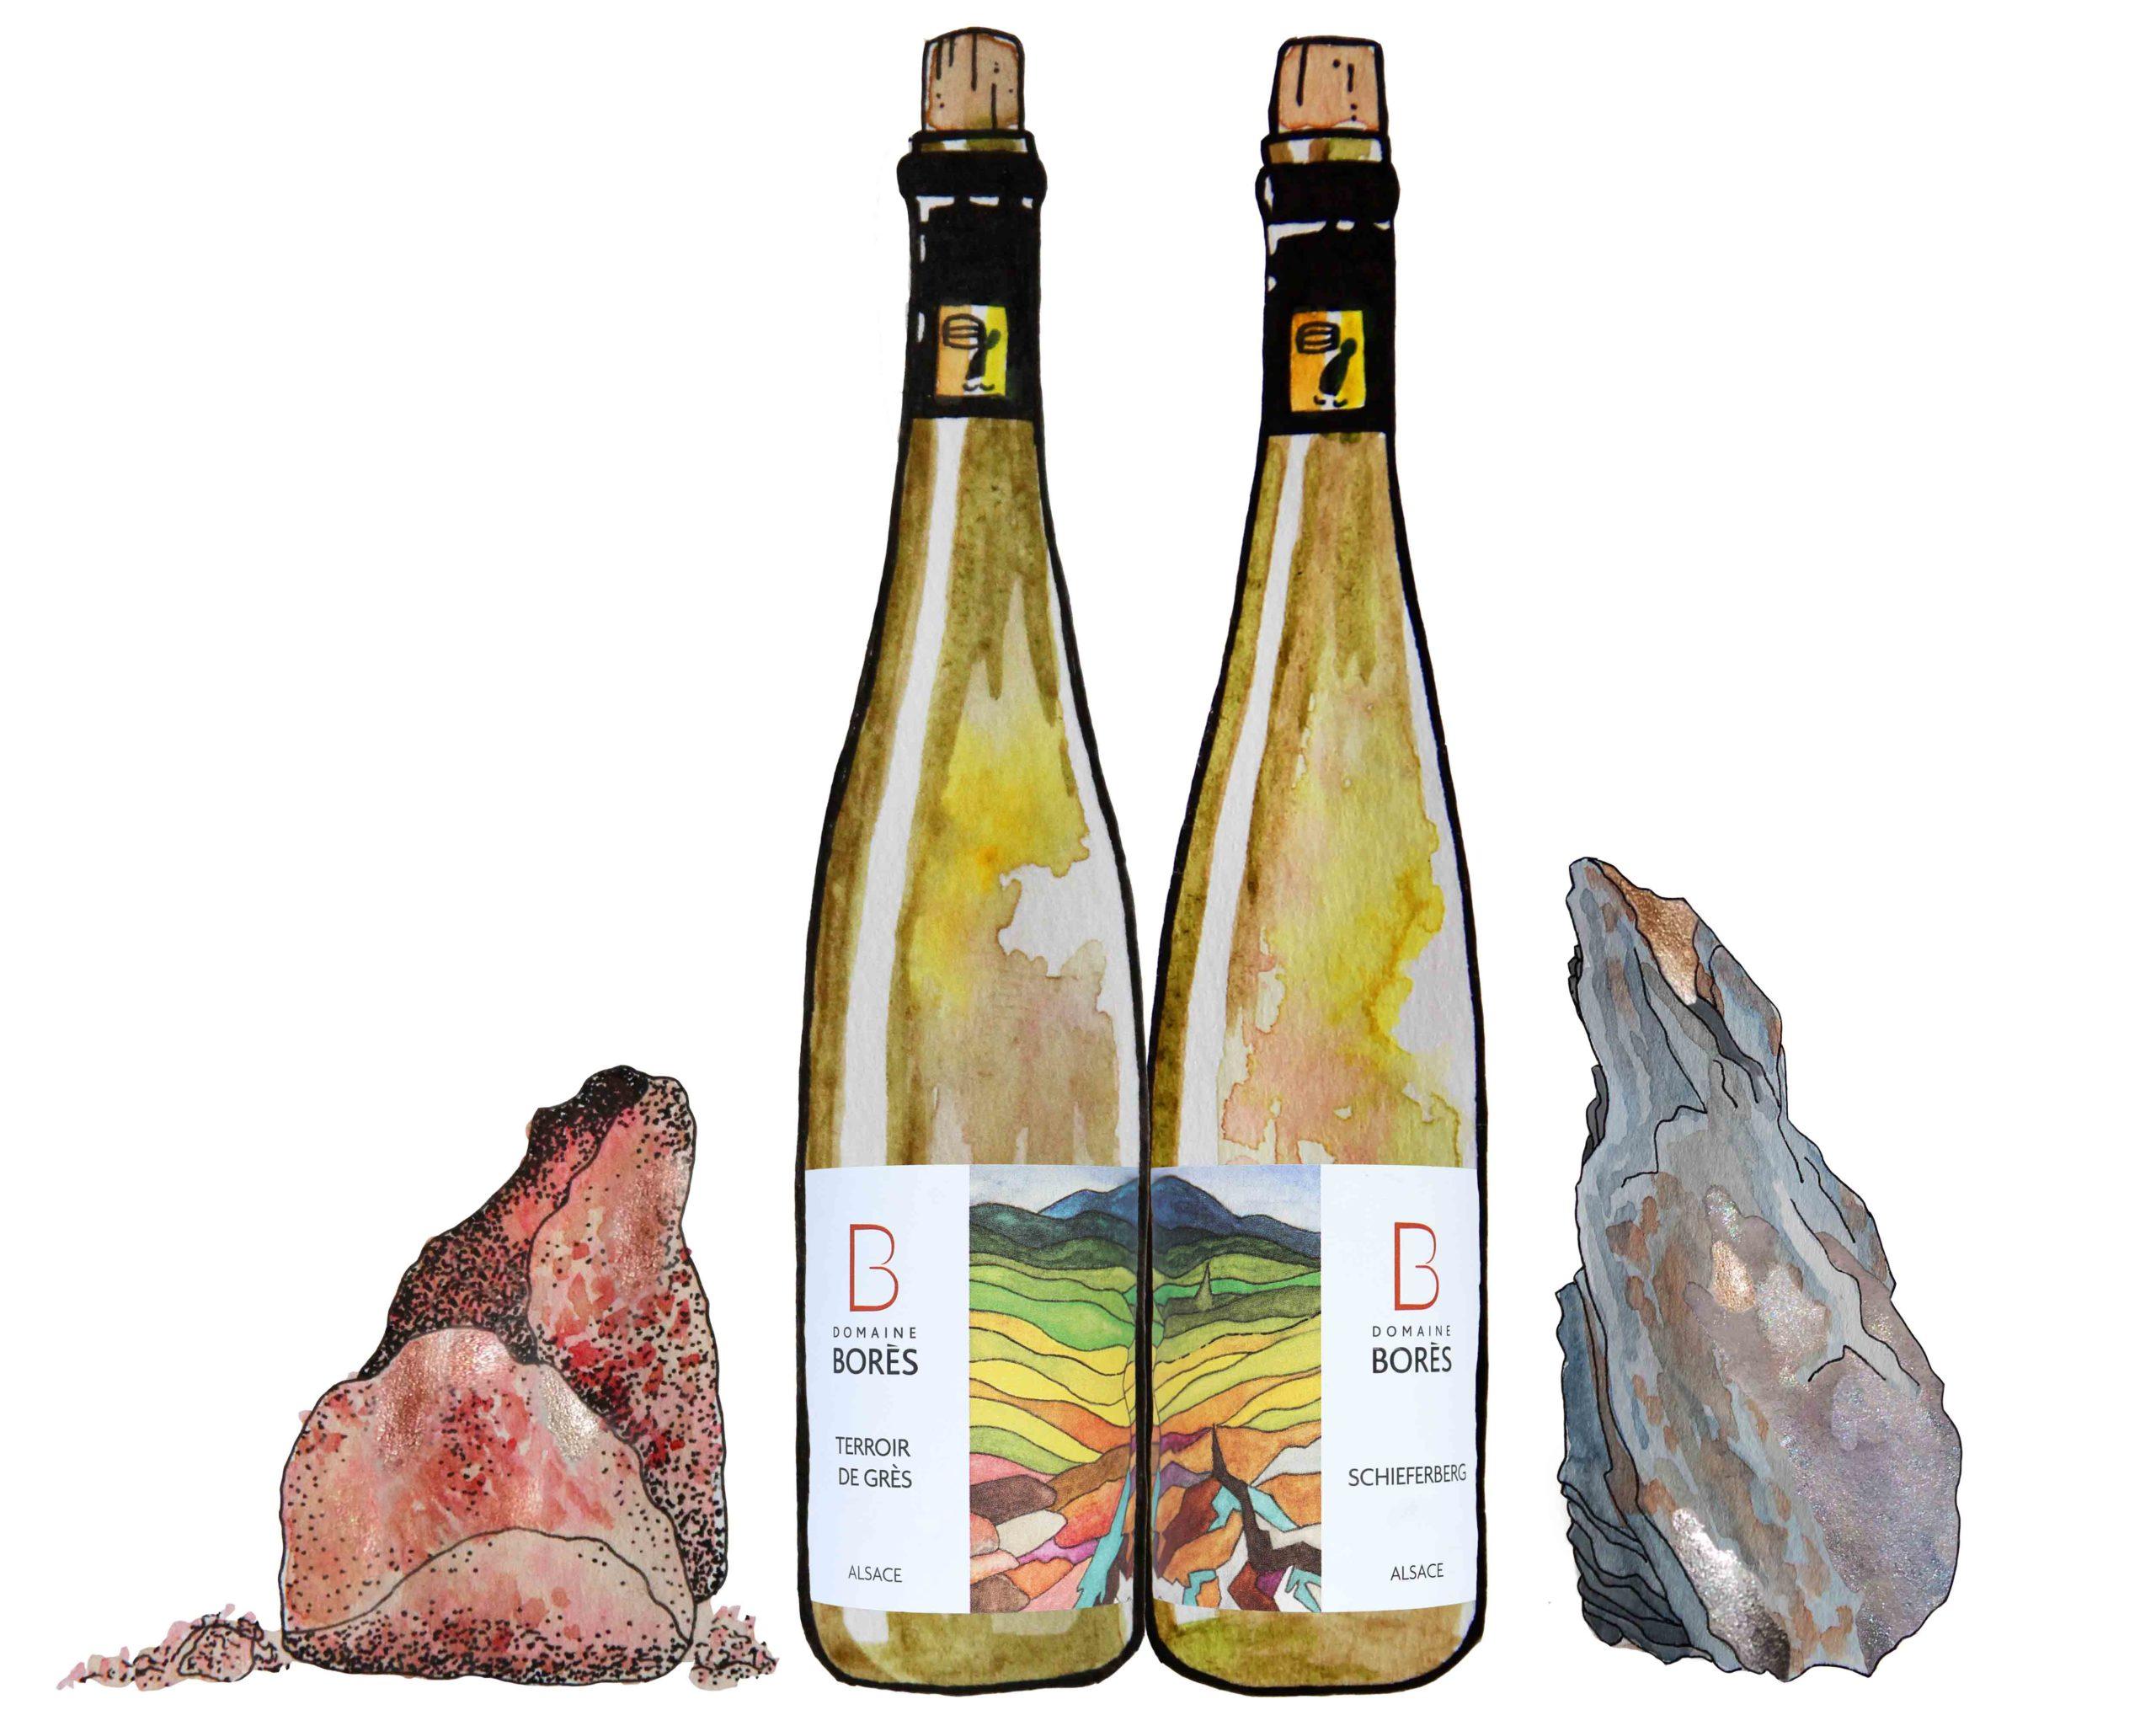 Vin de Terroir Sohlenberg Terroir de Grès et Permien et Schieferberg Terroir de Schiste unique en Alsace - Domaine Bores Alsace Reichsfeld